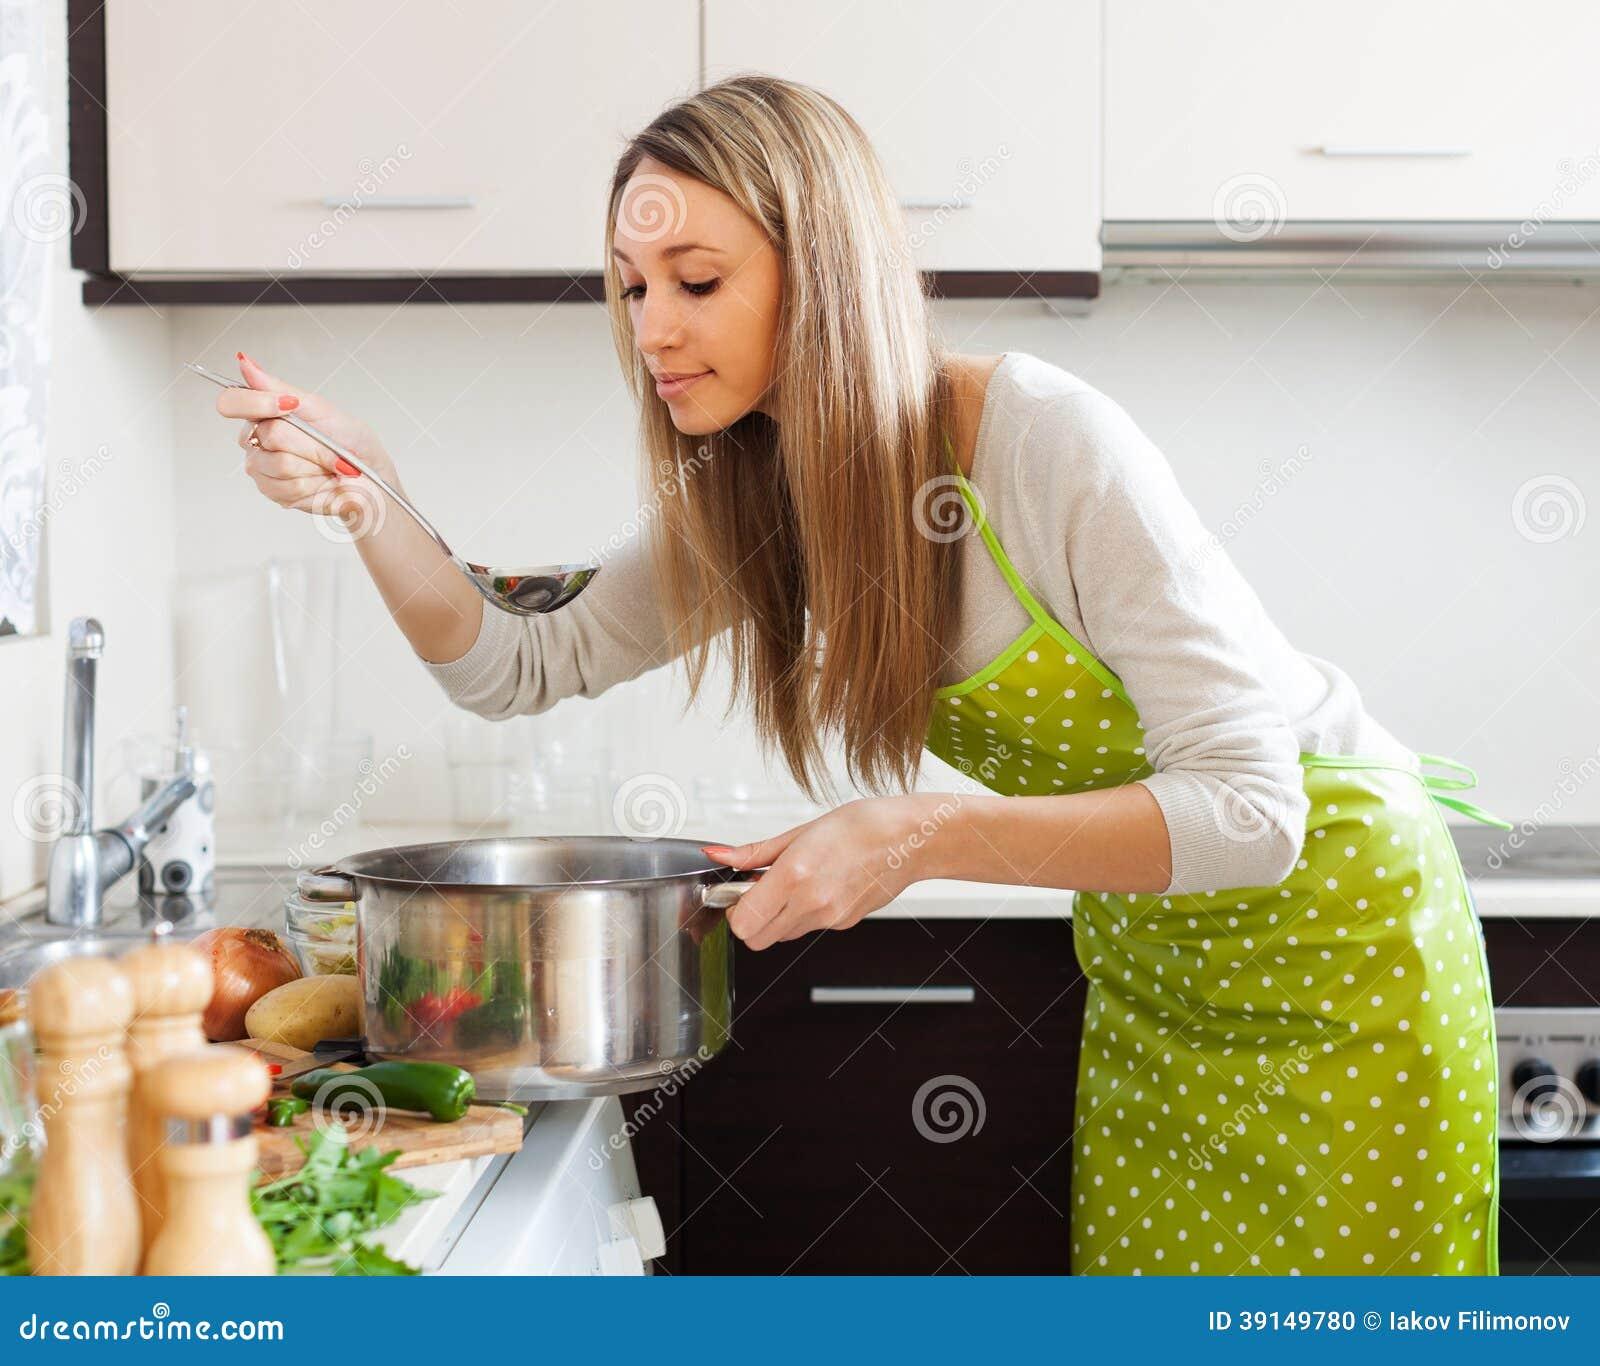 Femme faisant cuire la soupe v g tarienne dans la cuisine - Video amour dans la cuisine ...